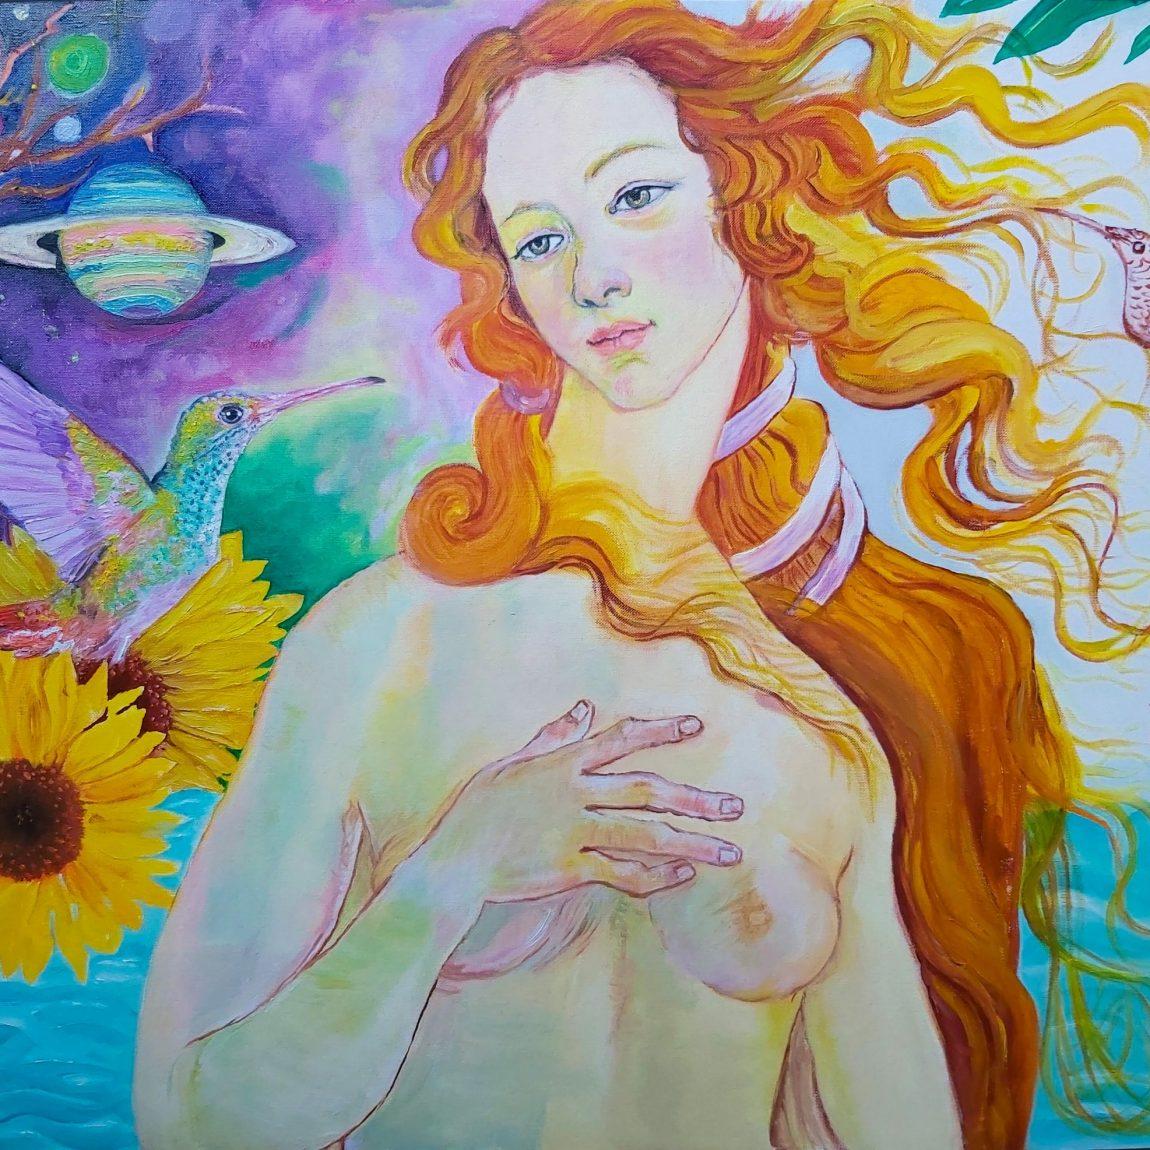 İpekchi Birds of Venus Teknik:Kanvas Kağıdı Üzeri Yağlı Boya Ölçü:65x50 cm  Fiyat :3.304 TL